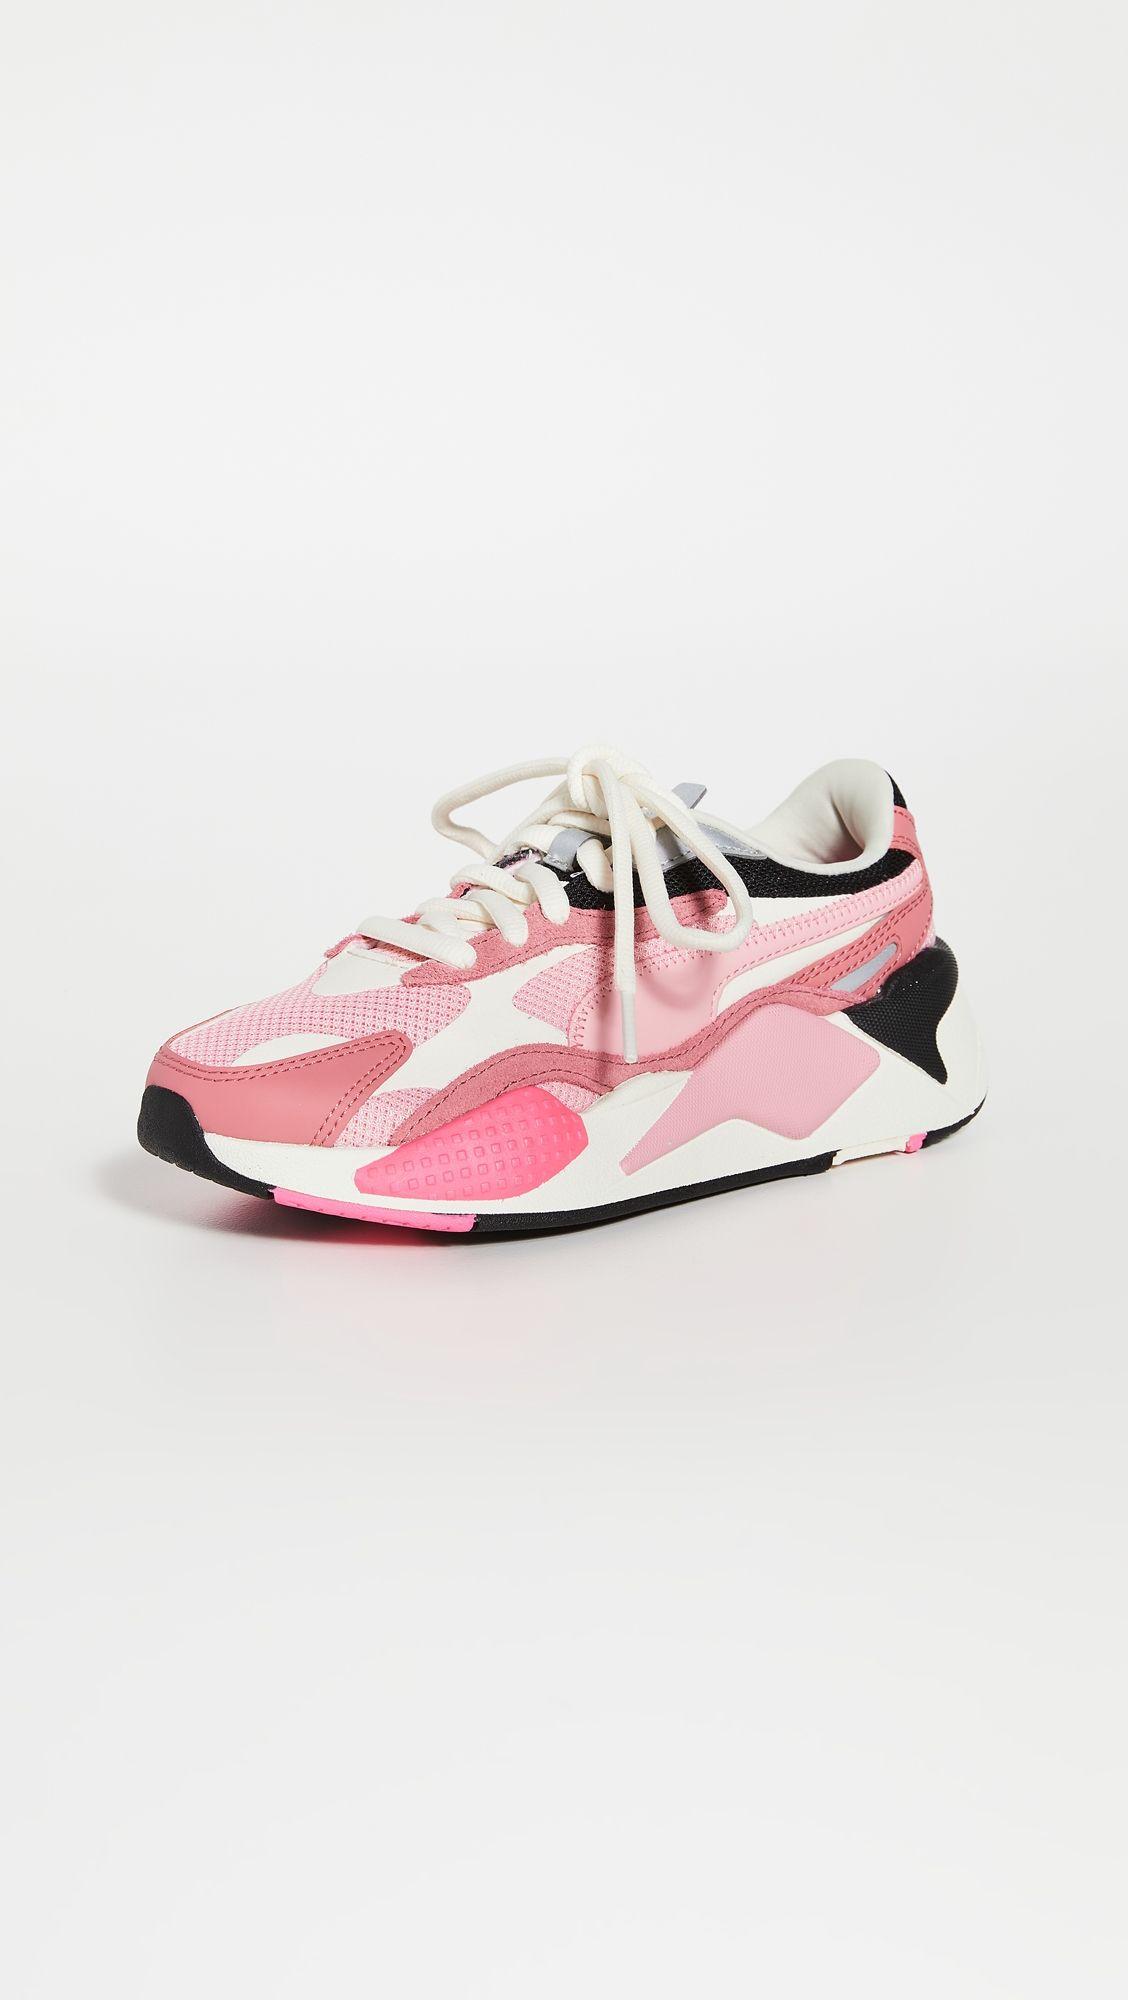 PUMA RS X3 CUBE Sneakers | Sneakers, Heels, Sale items